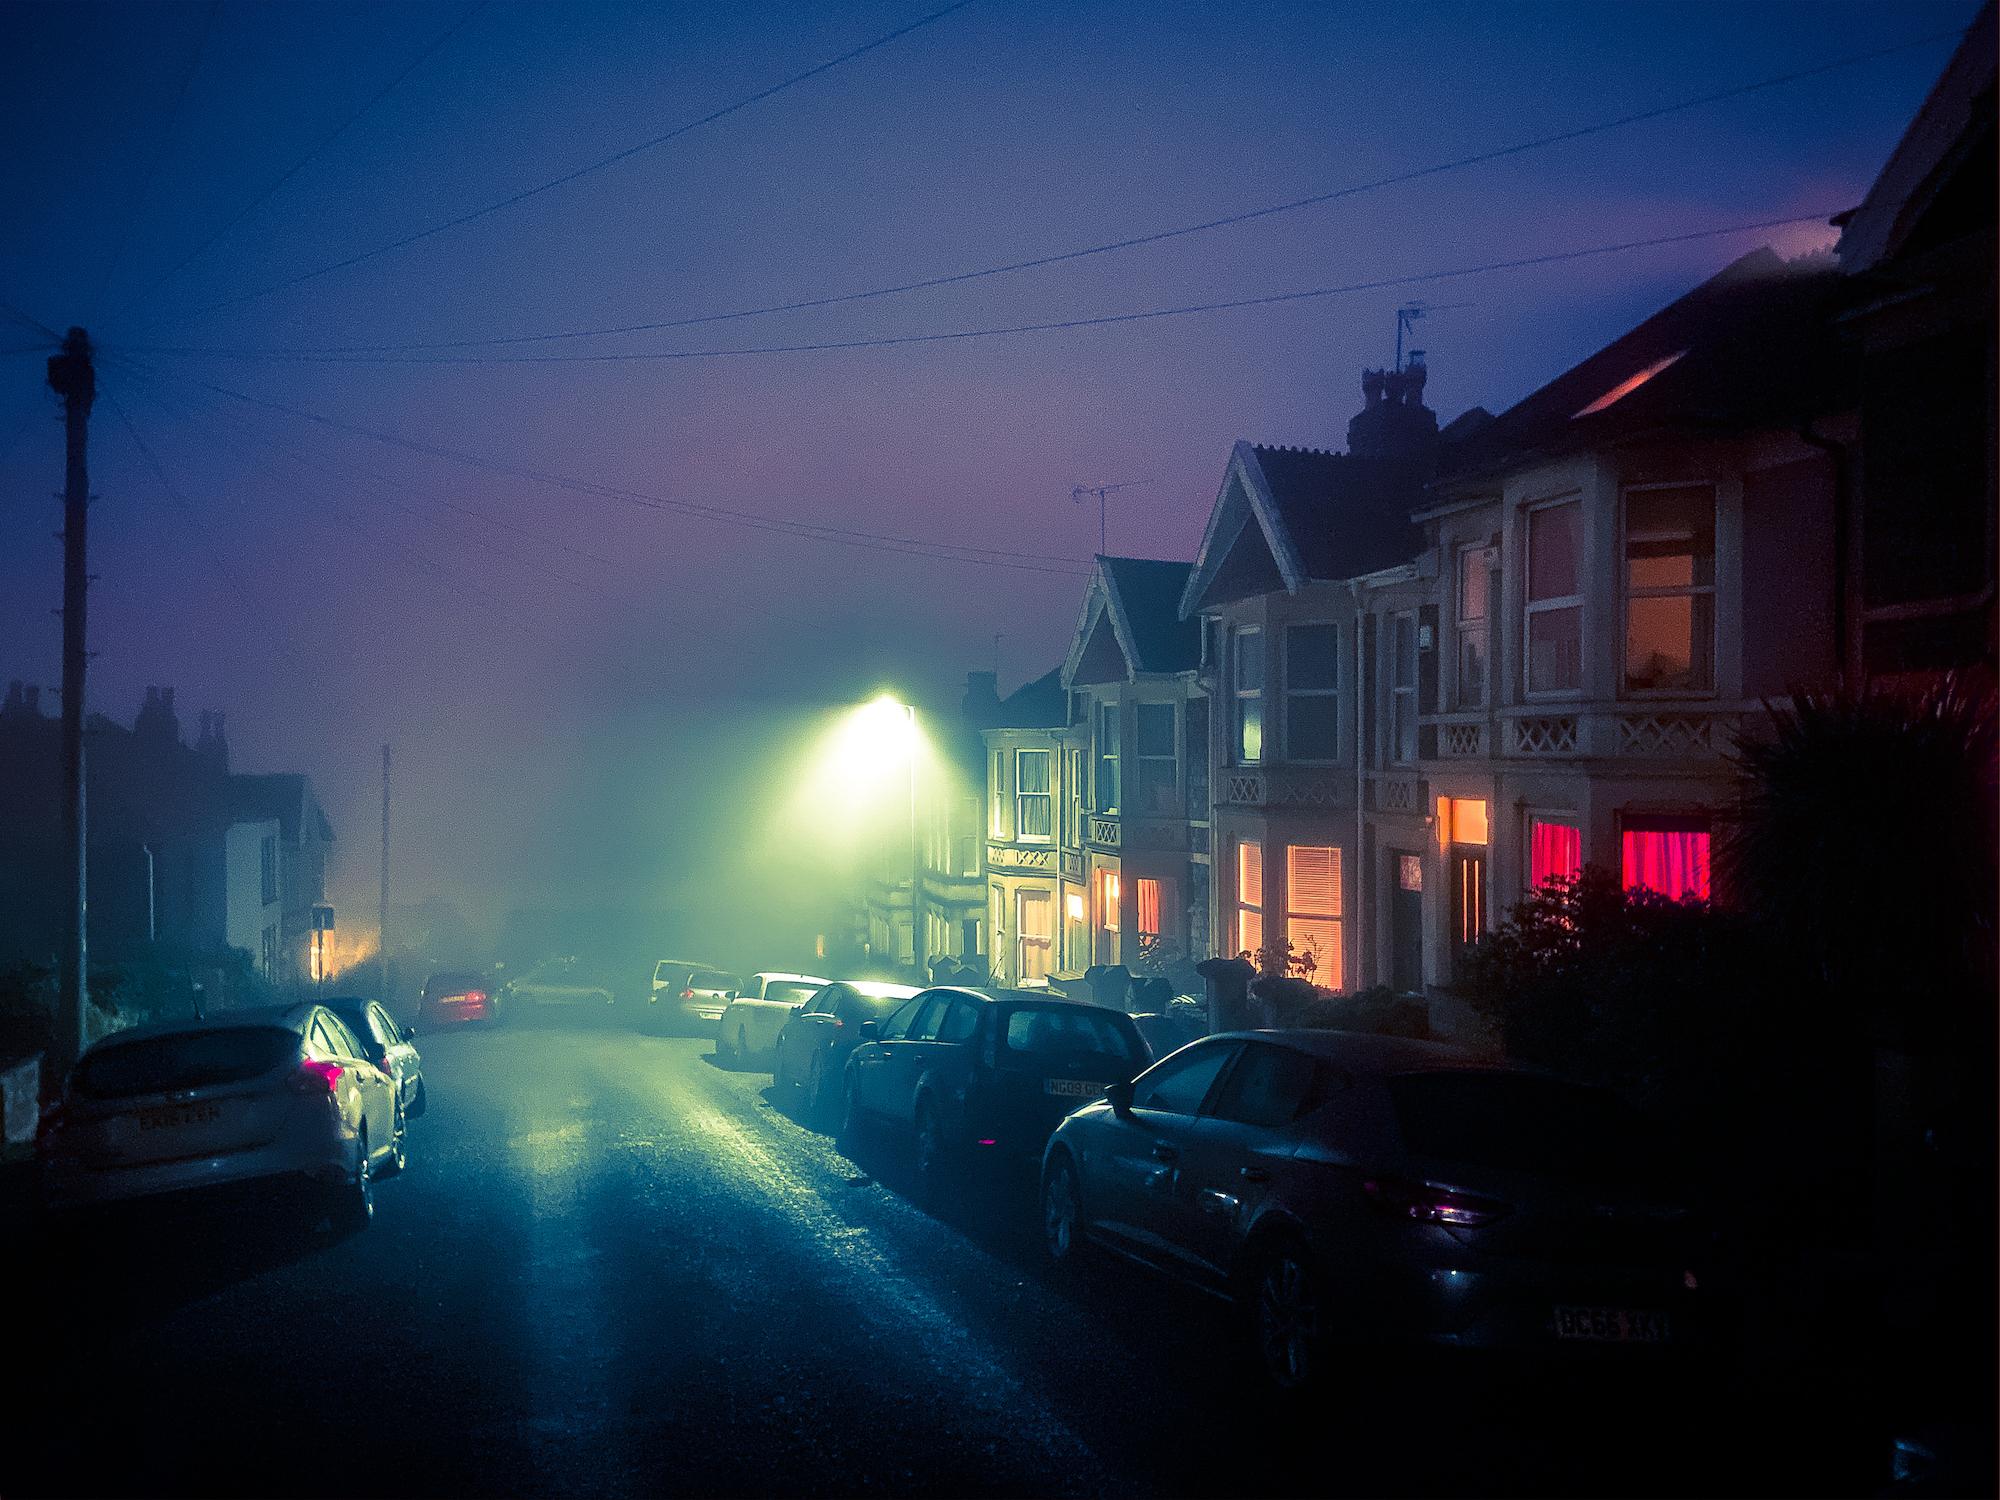 A Bristol street on a misty night